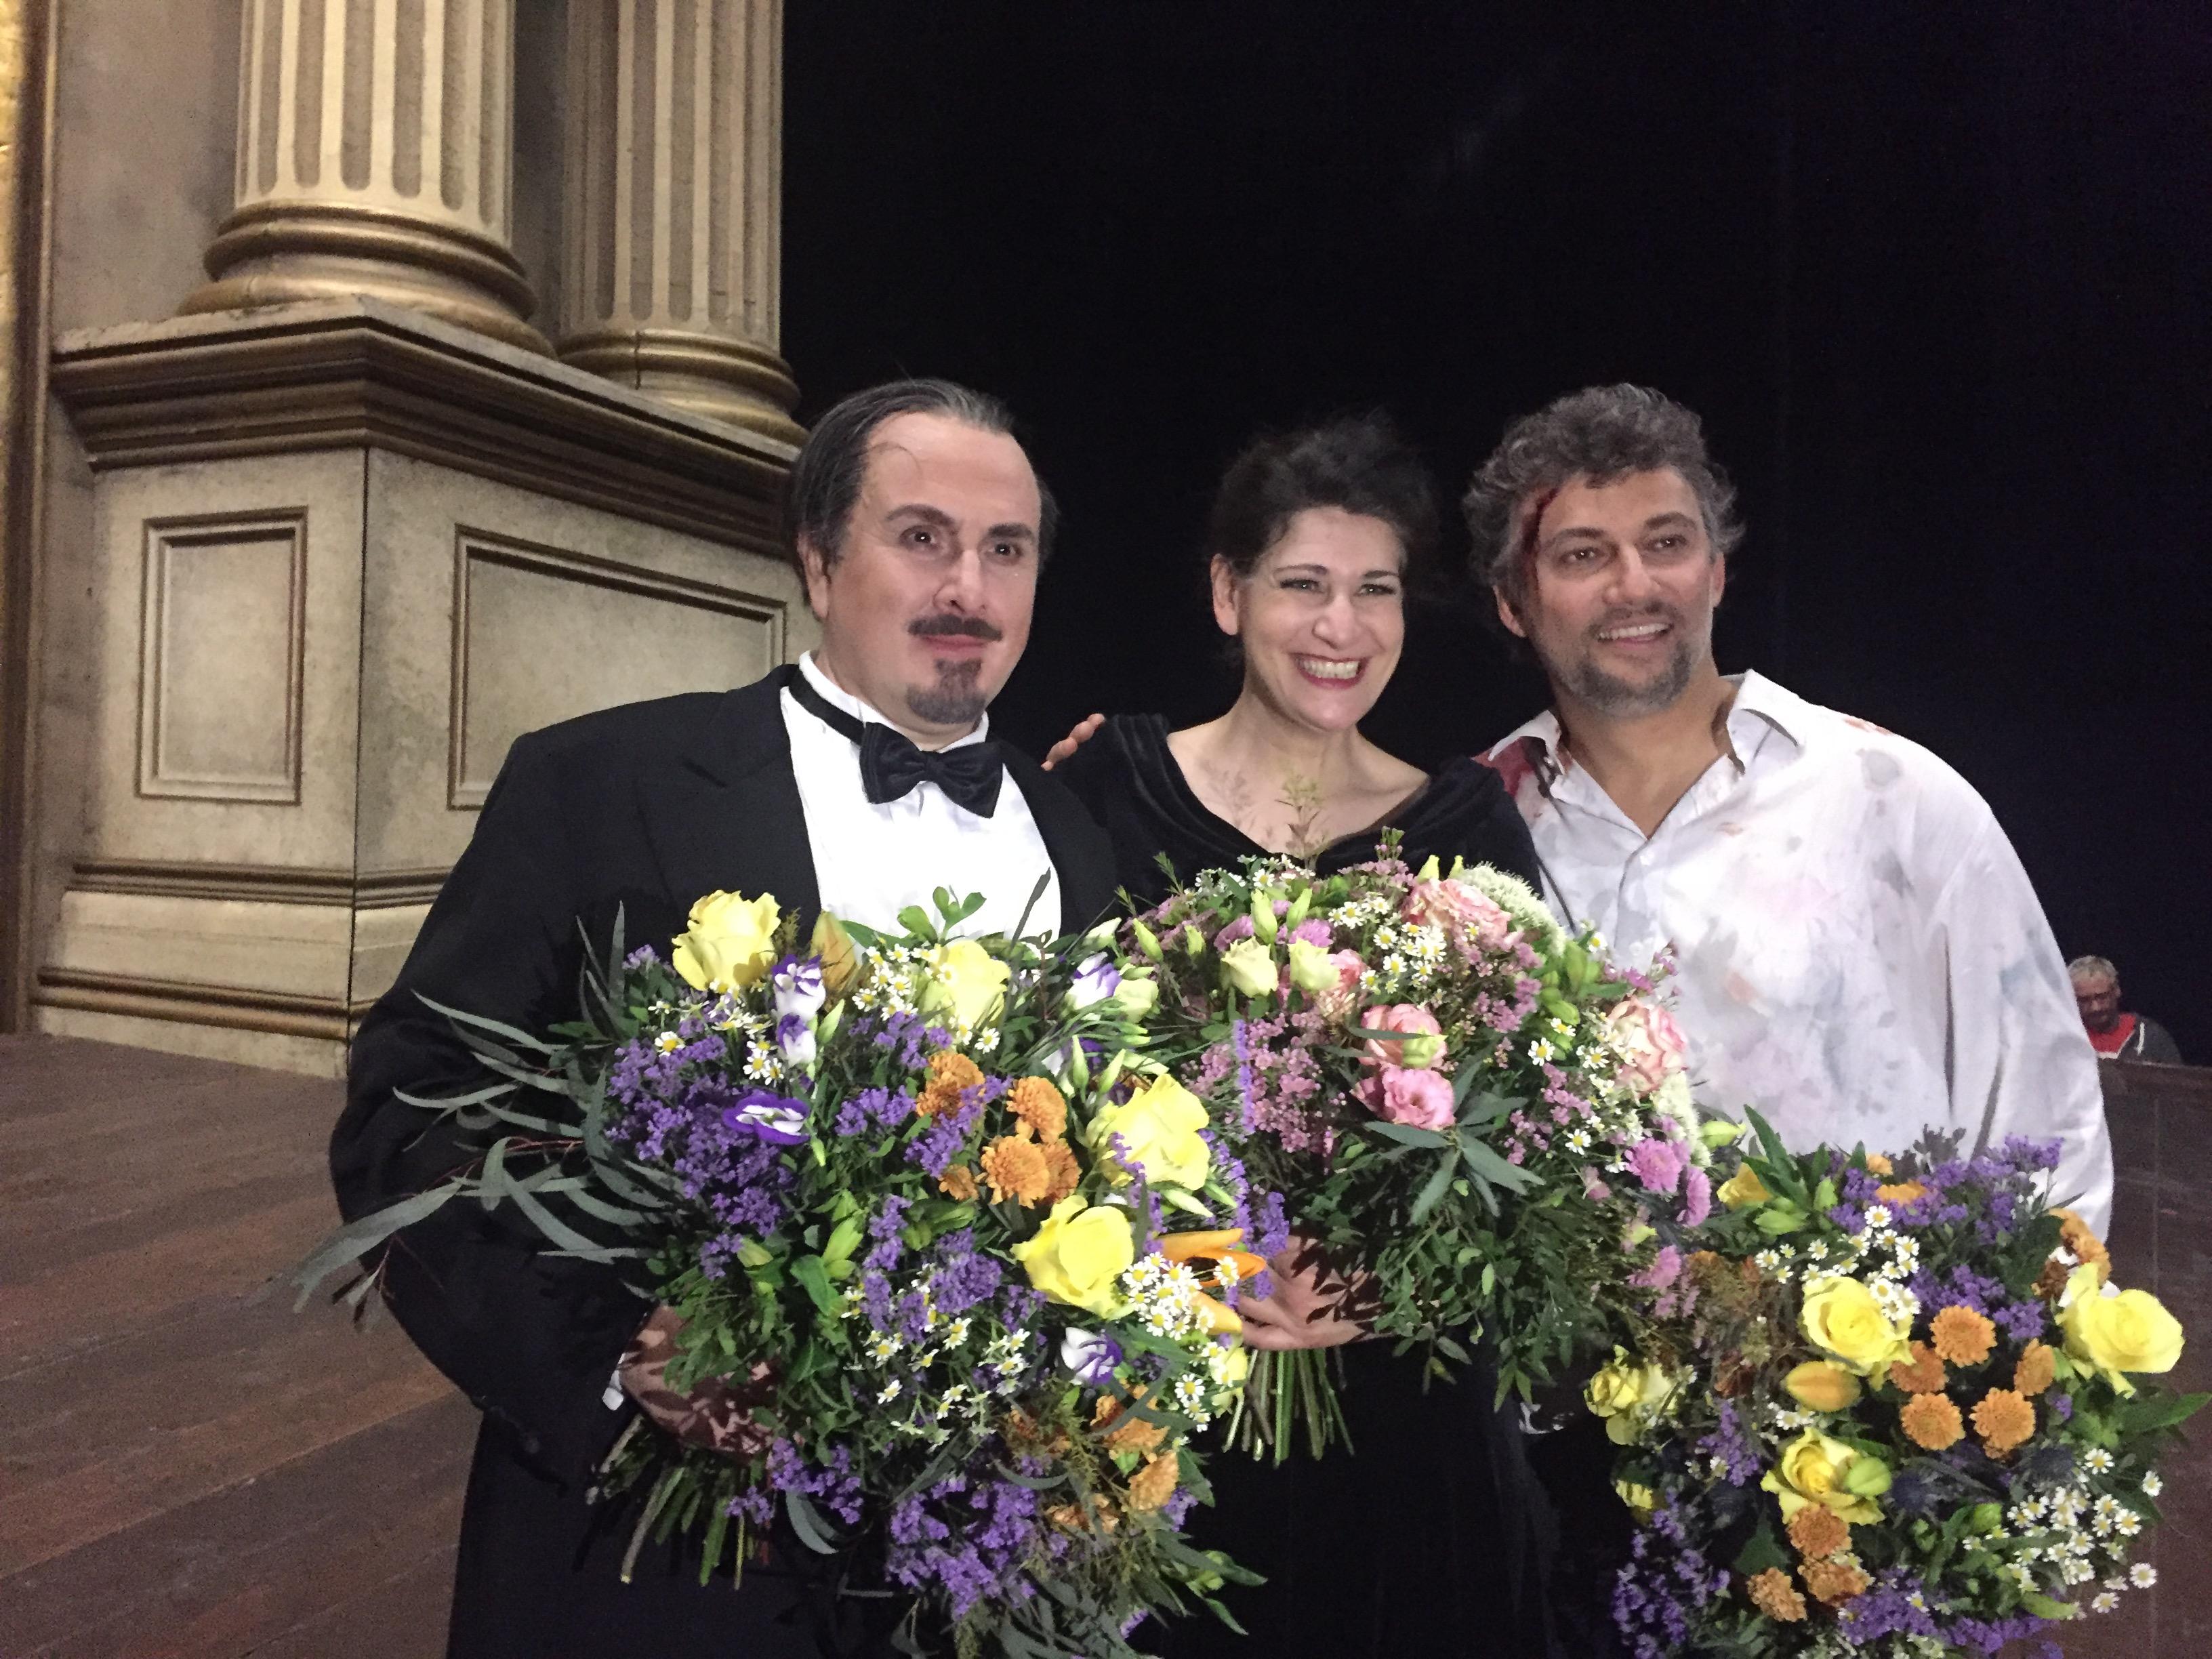 Wieder auferstanden von den Toten und glücklich: Scarpia (Franco Vassallo), Tosca (Anja Harteros) und Cavaradossi (Jonas Kaufmann) Foto: Michael Bellgardt